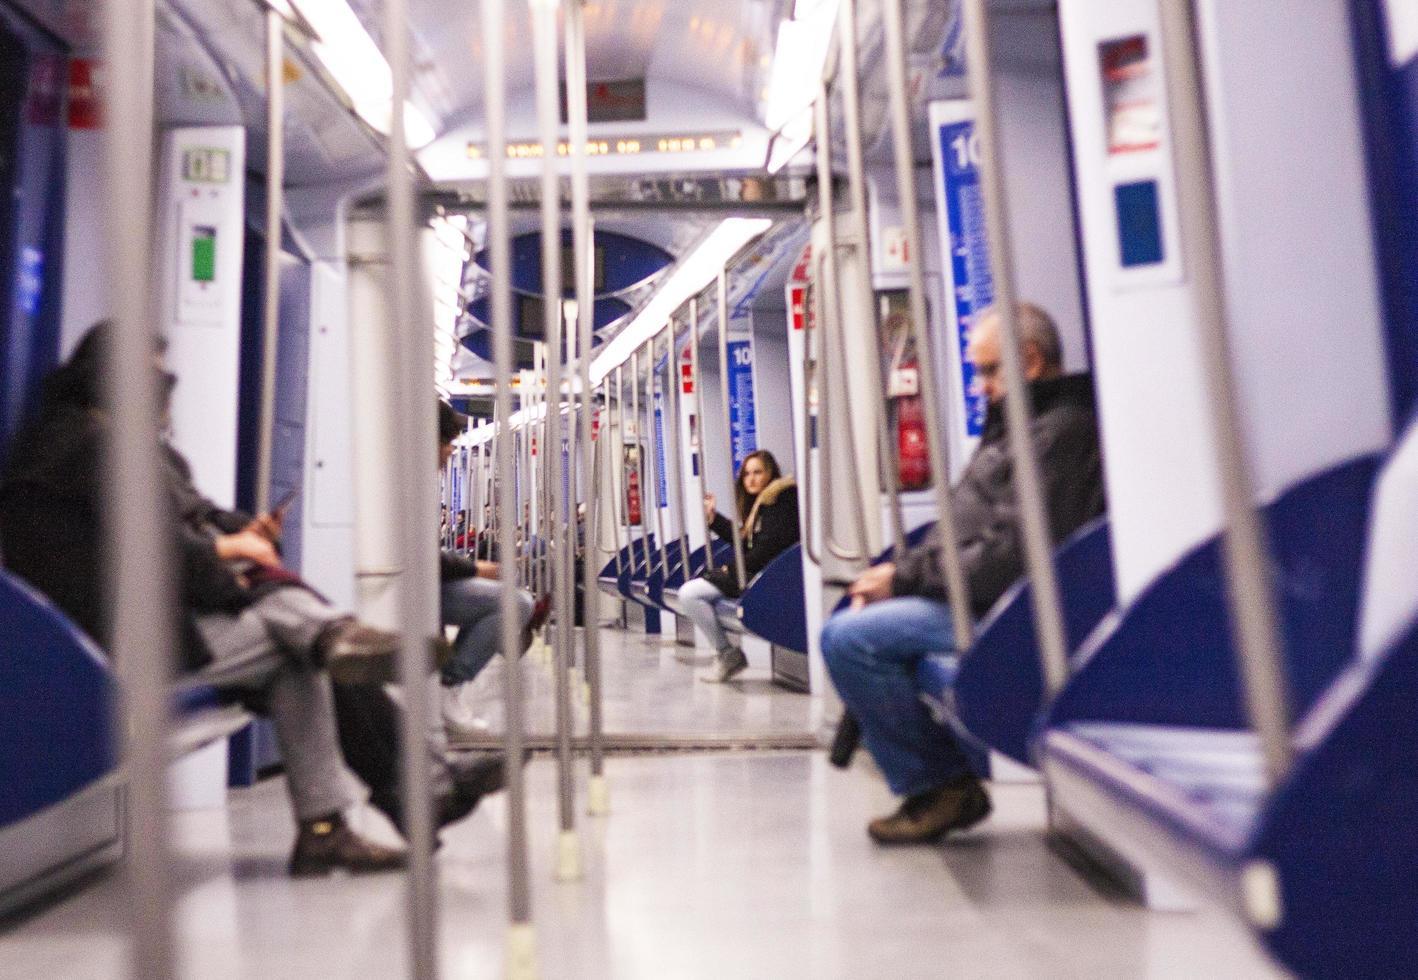 Barcelona, Spanien, 2020 - Menschen sitzen im Zug foto